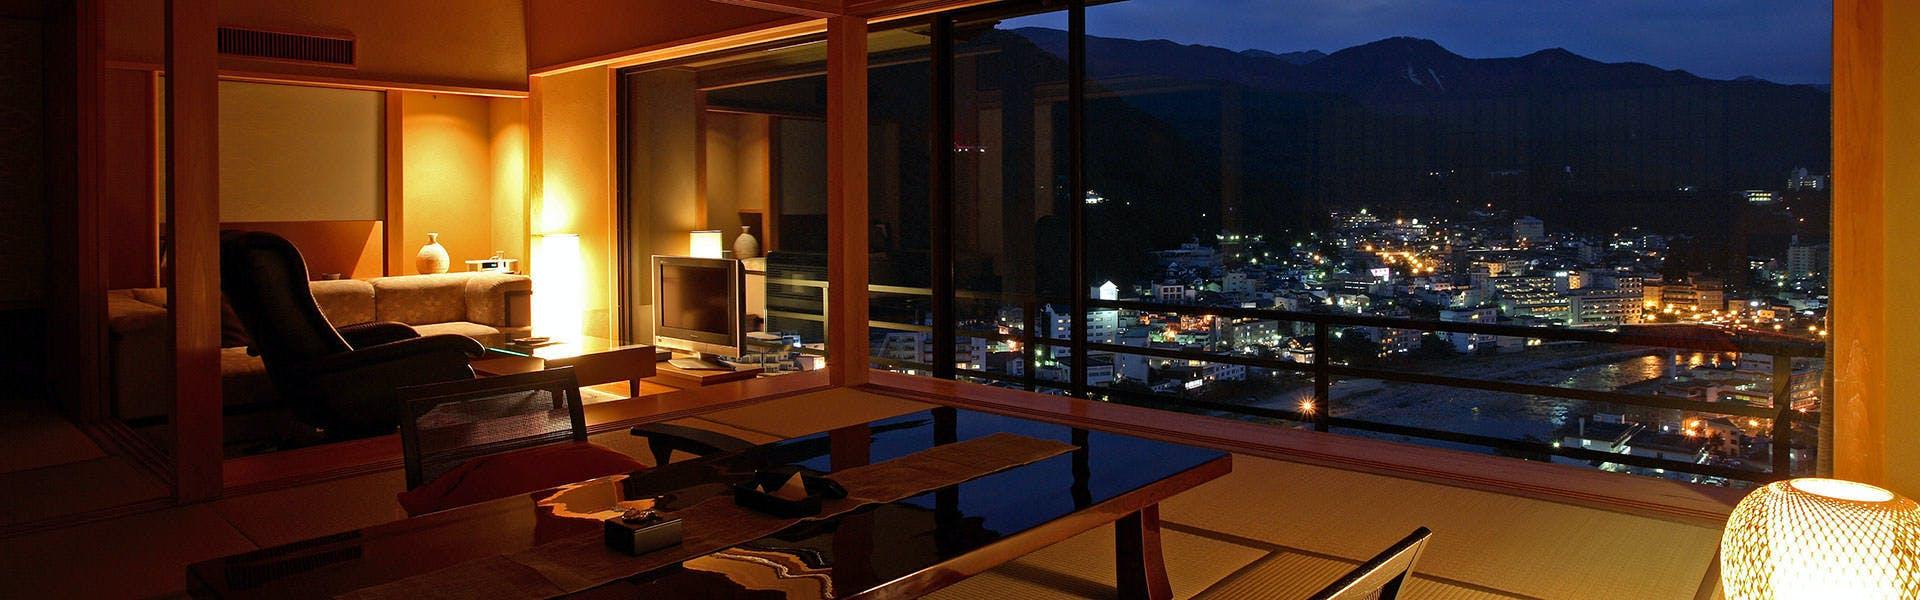 記念日におすすめのホテル・下呂温泉 今宵 天空に遊ぶ しょうげつの写真1